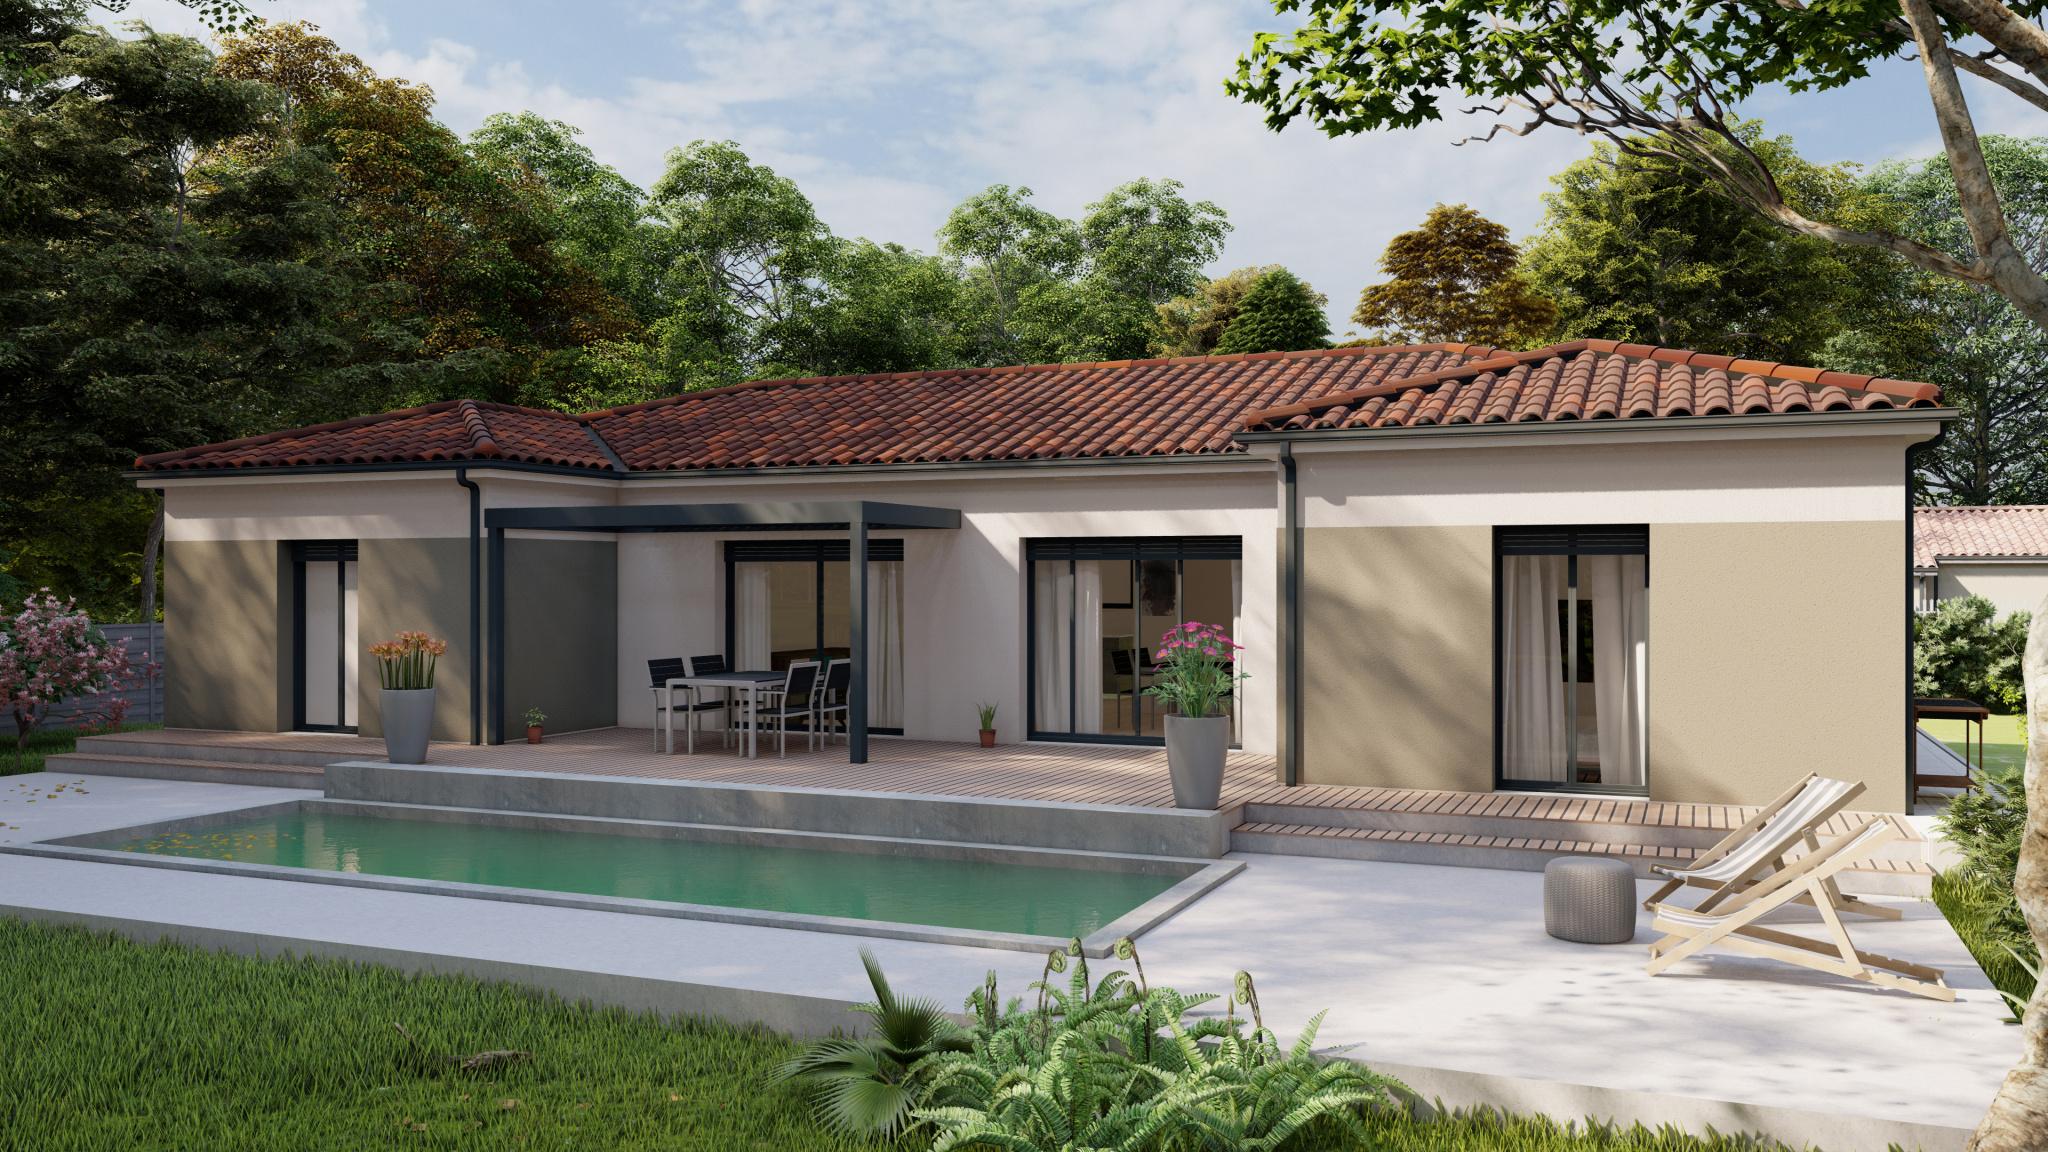 Vente maison à Escondeaux (65140) de 125 m2 habitable sur terrain de 1520 m2